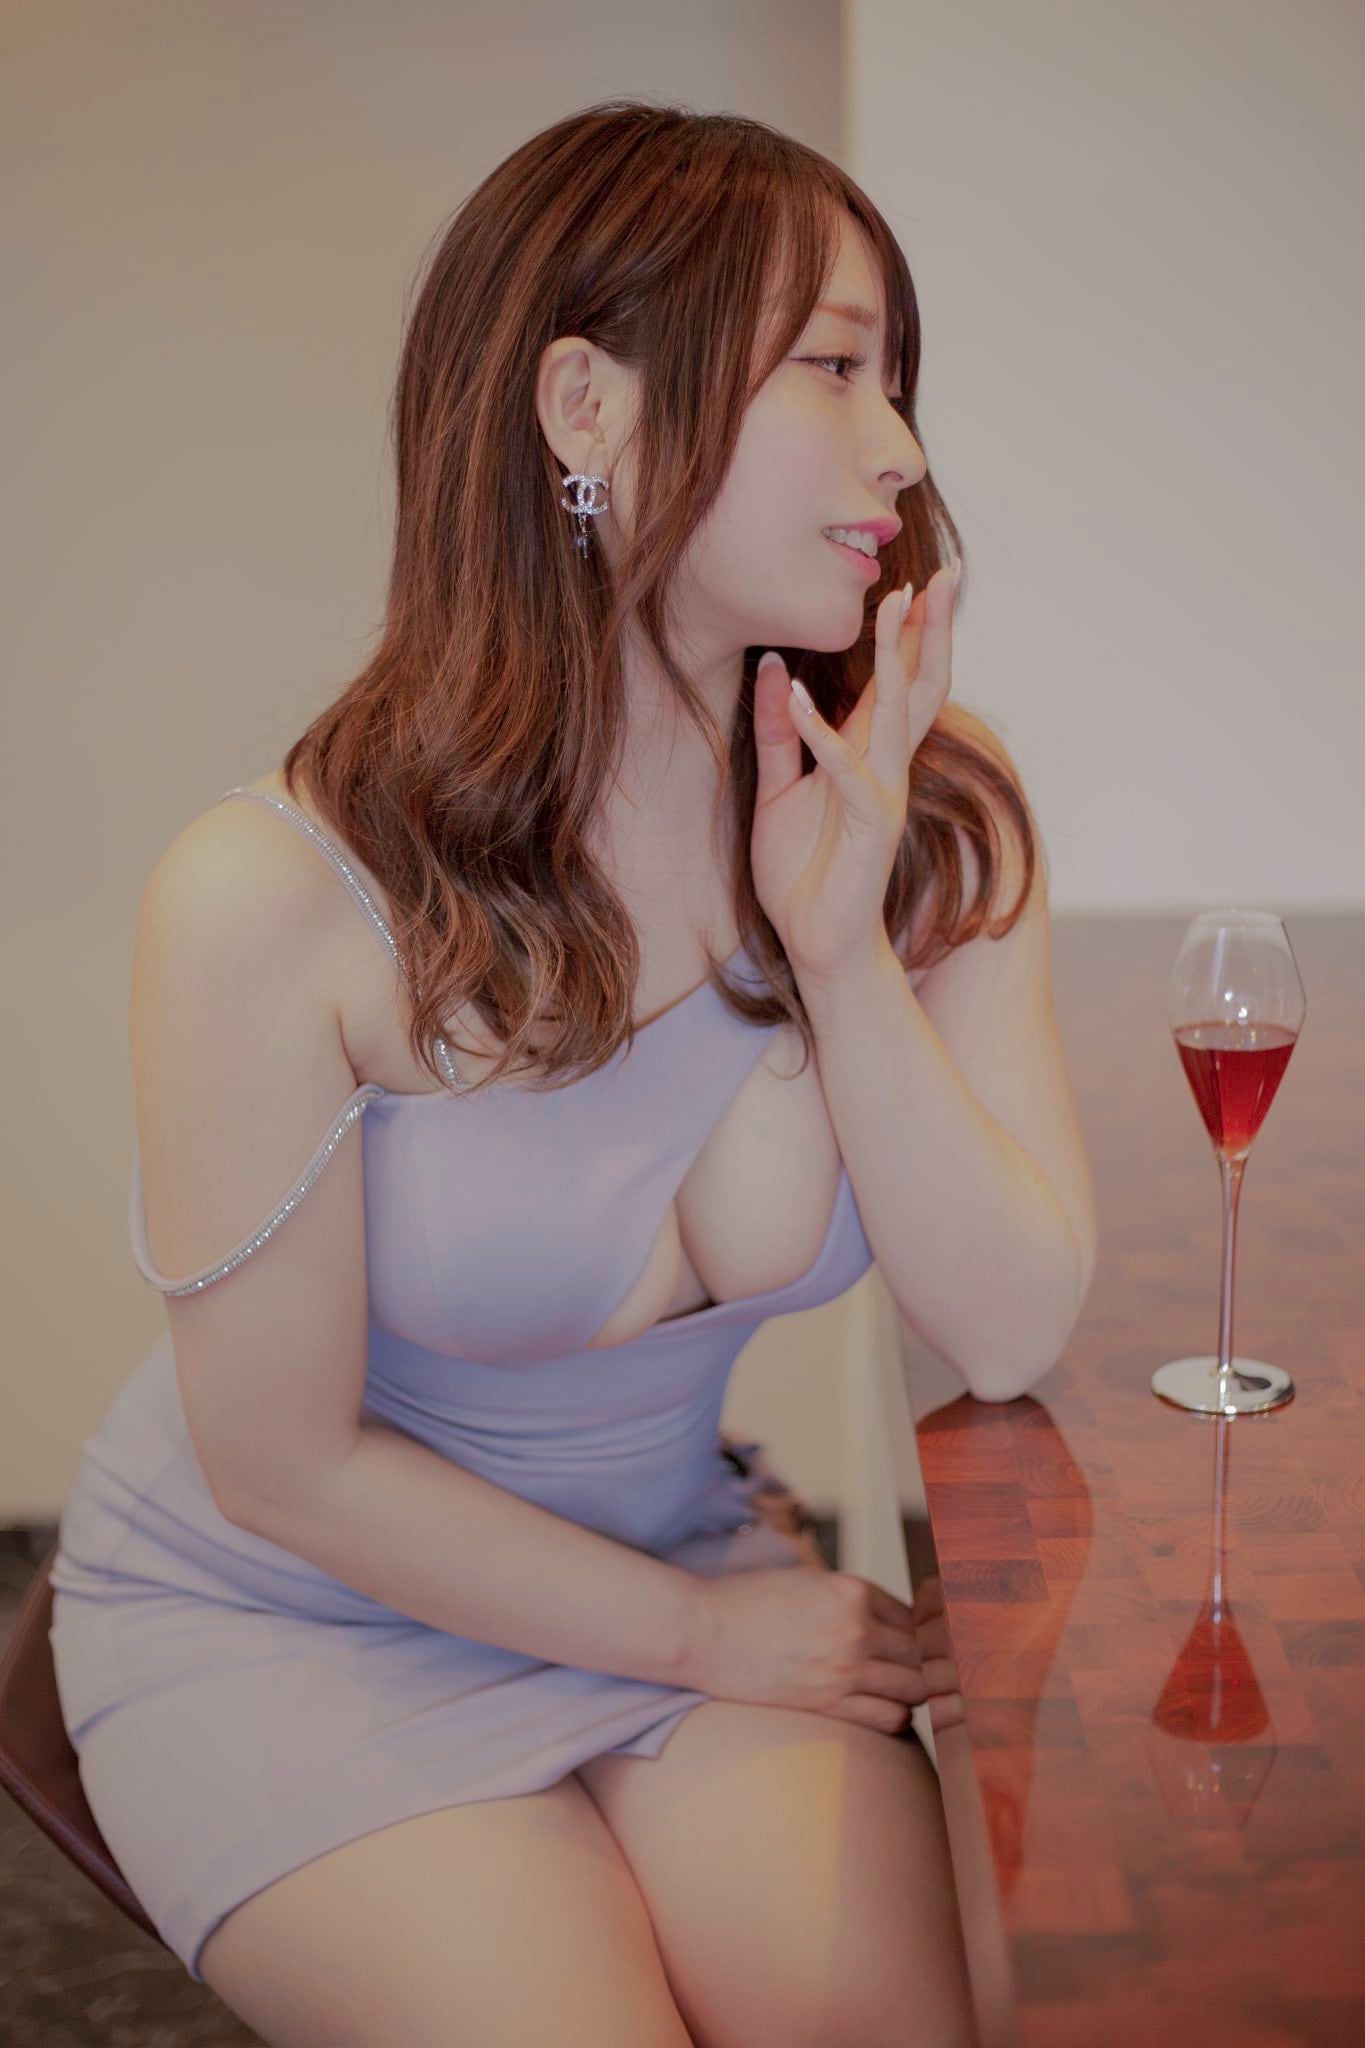 椎名煌「胸元ザックリのドレスで乾杯!」酔った顔も艶っぽすぎる【画像2枚】の画像001